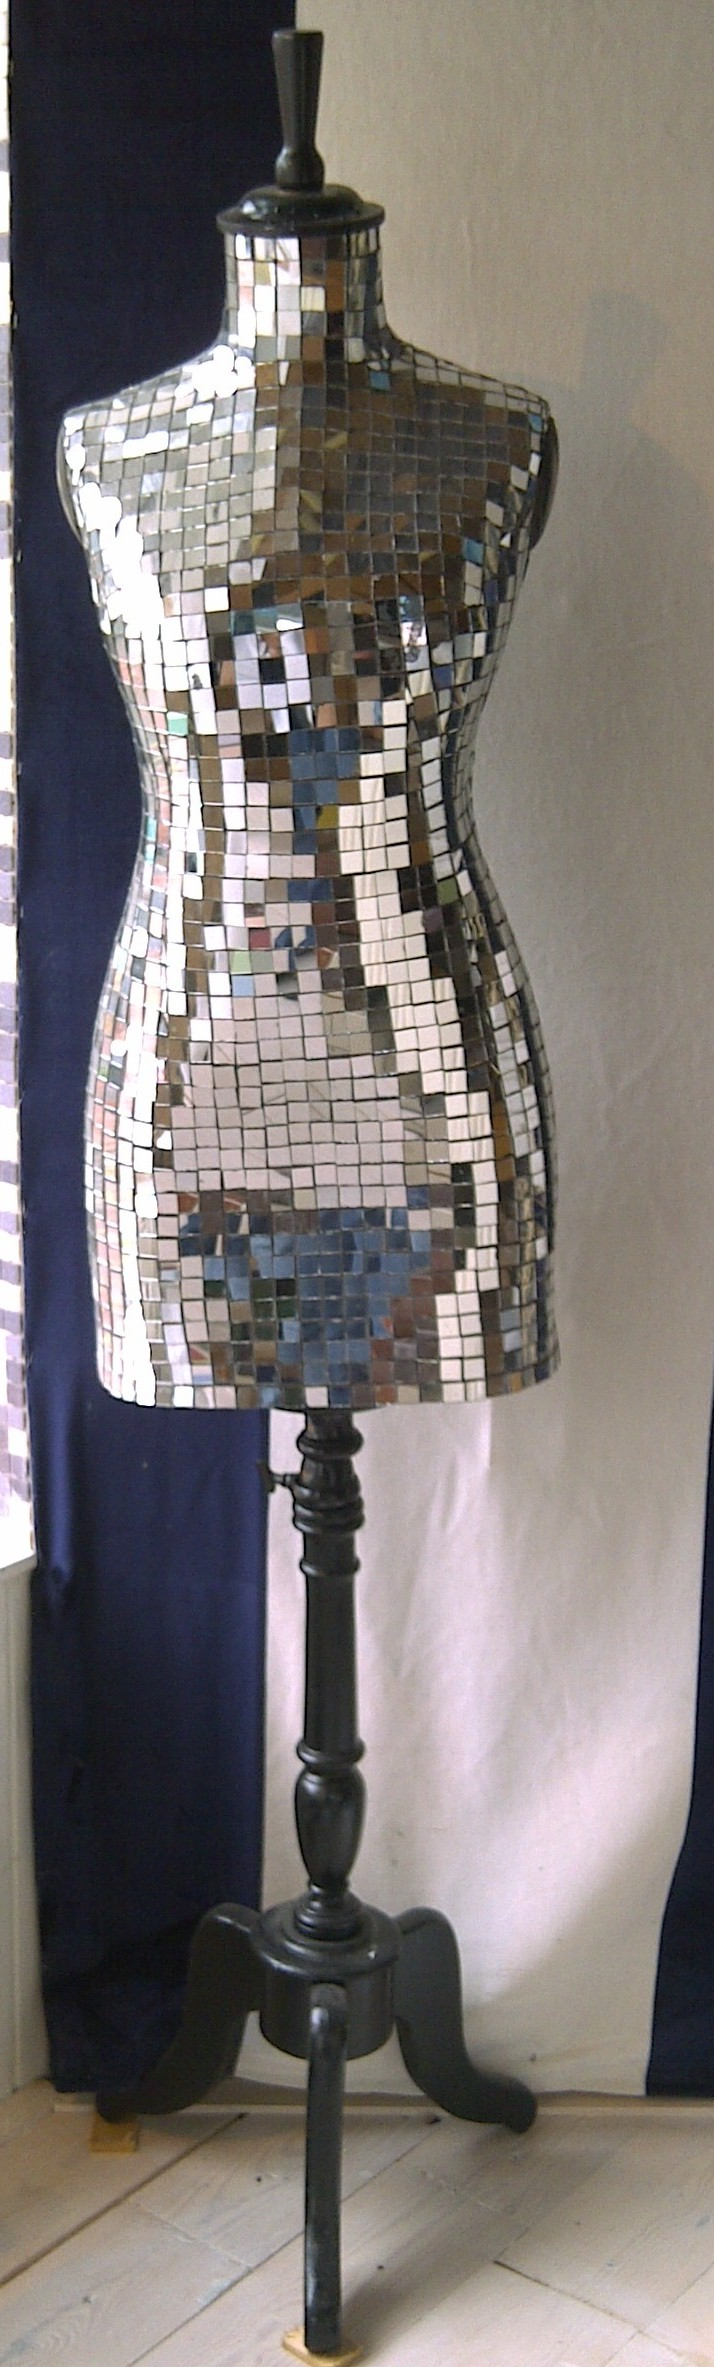 Een oude paspop van marktplaats beplakt met spiegel for Marktplaats spiegel